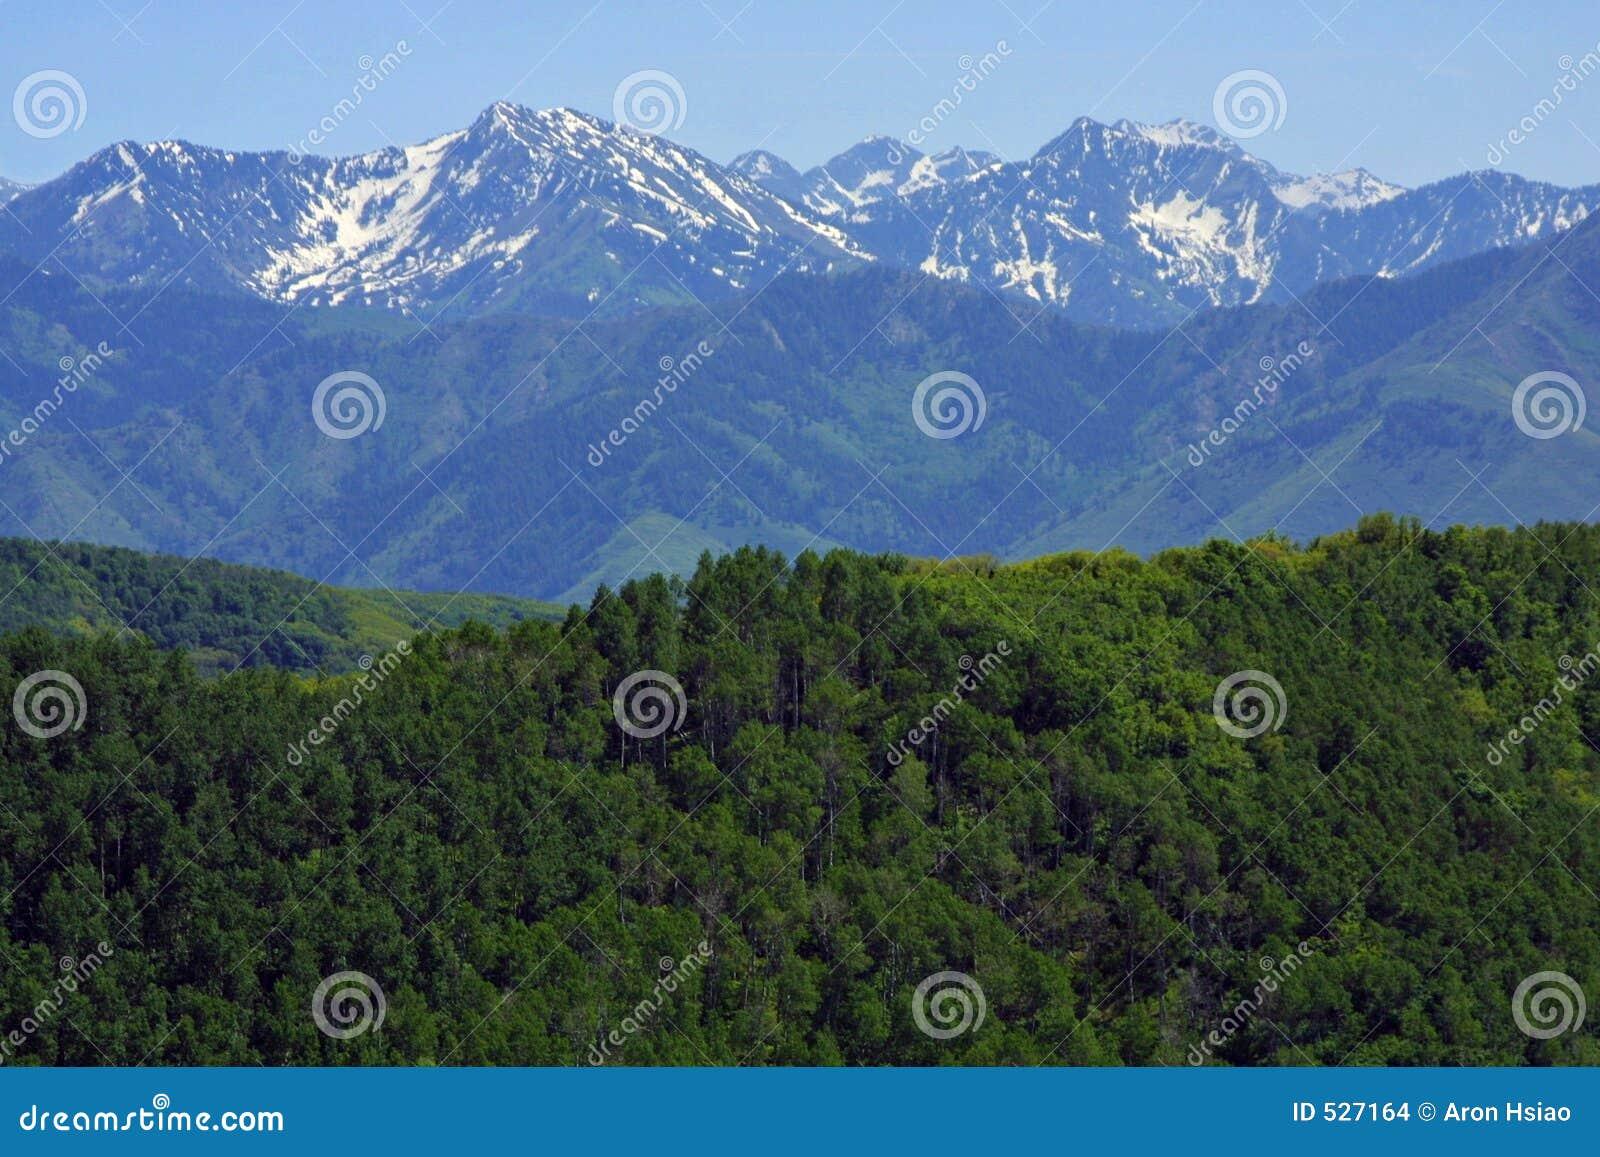 Download 距离山岩石舒展 库存照片. 图片 包括有 本质, 巨型, 距离, 展望期, 上升, 高度, 异乎寻常, 小山 - 527164